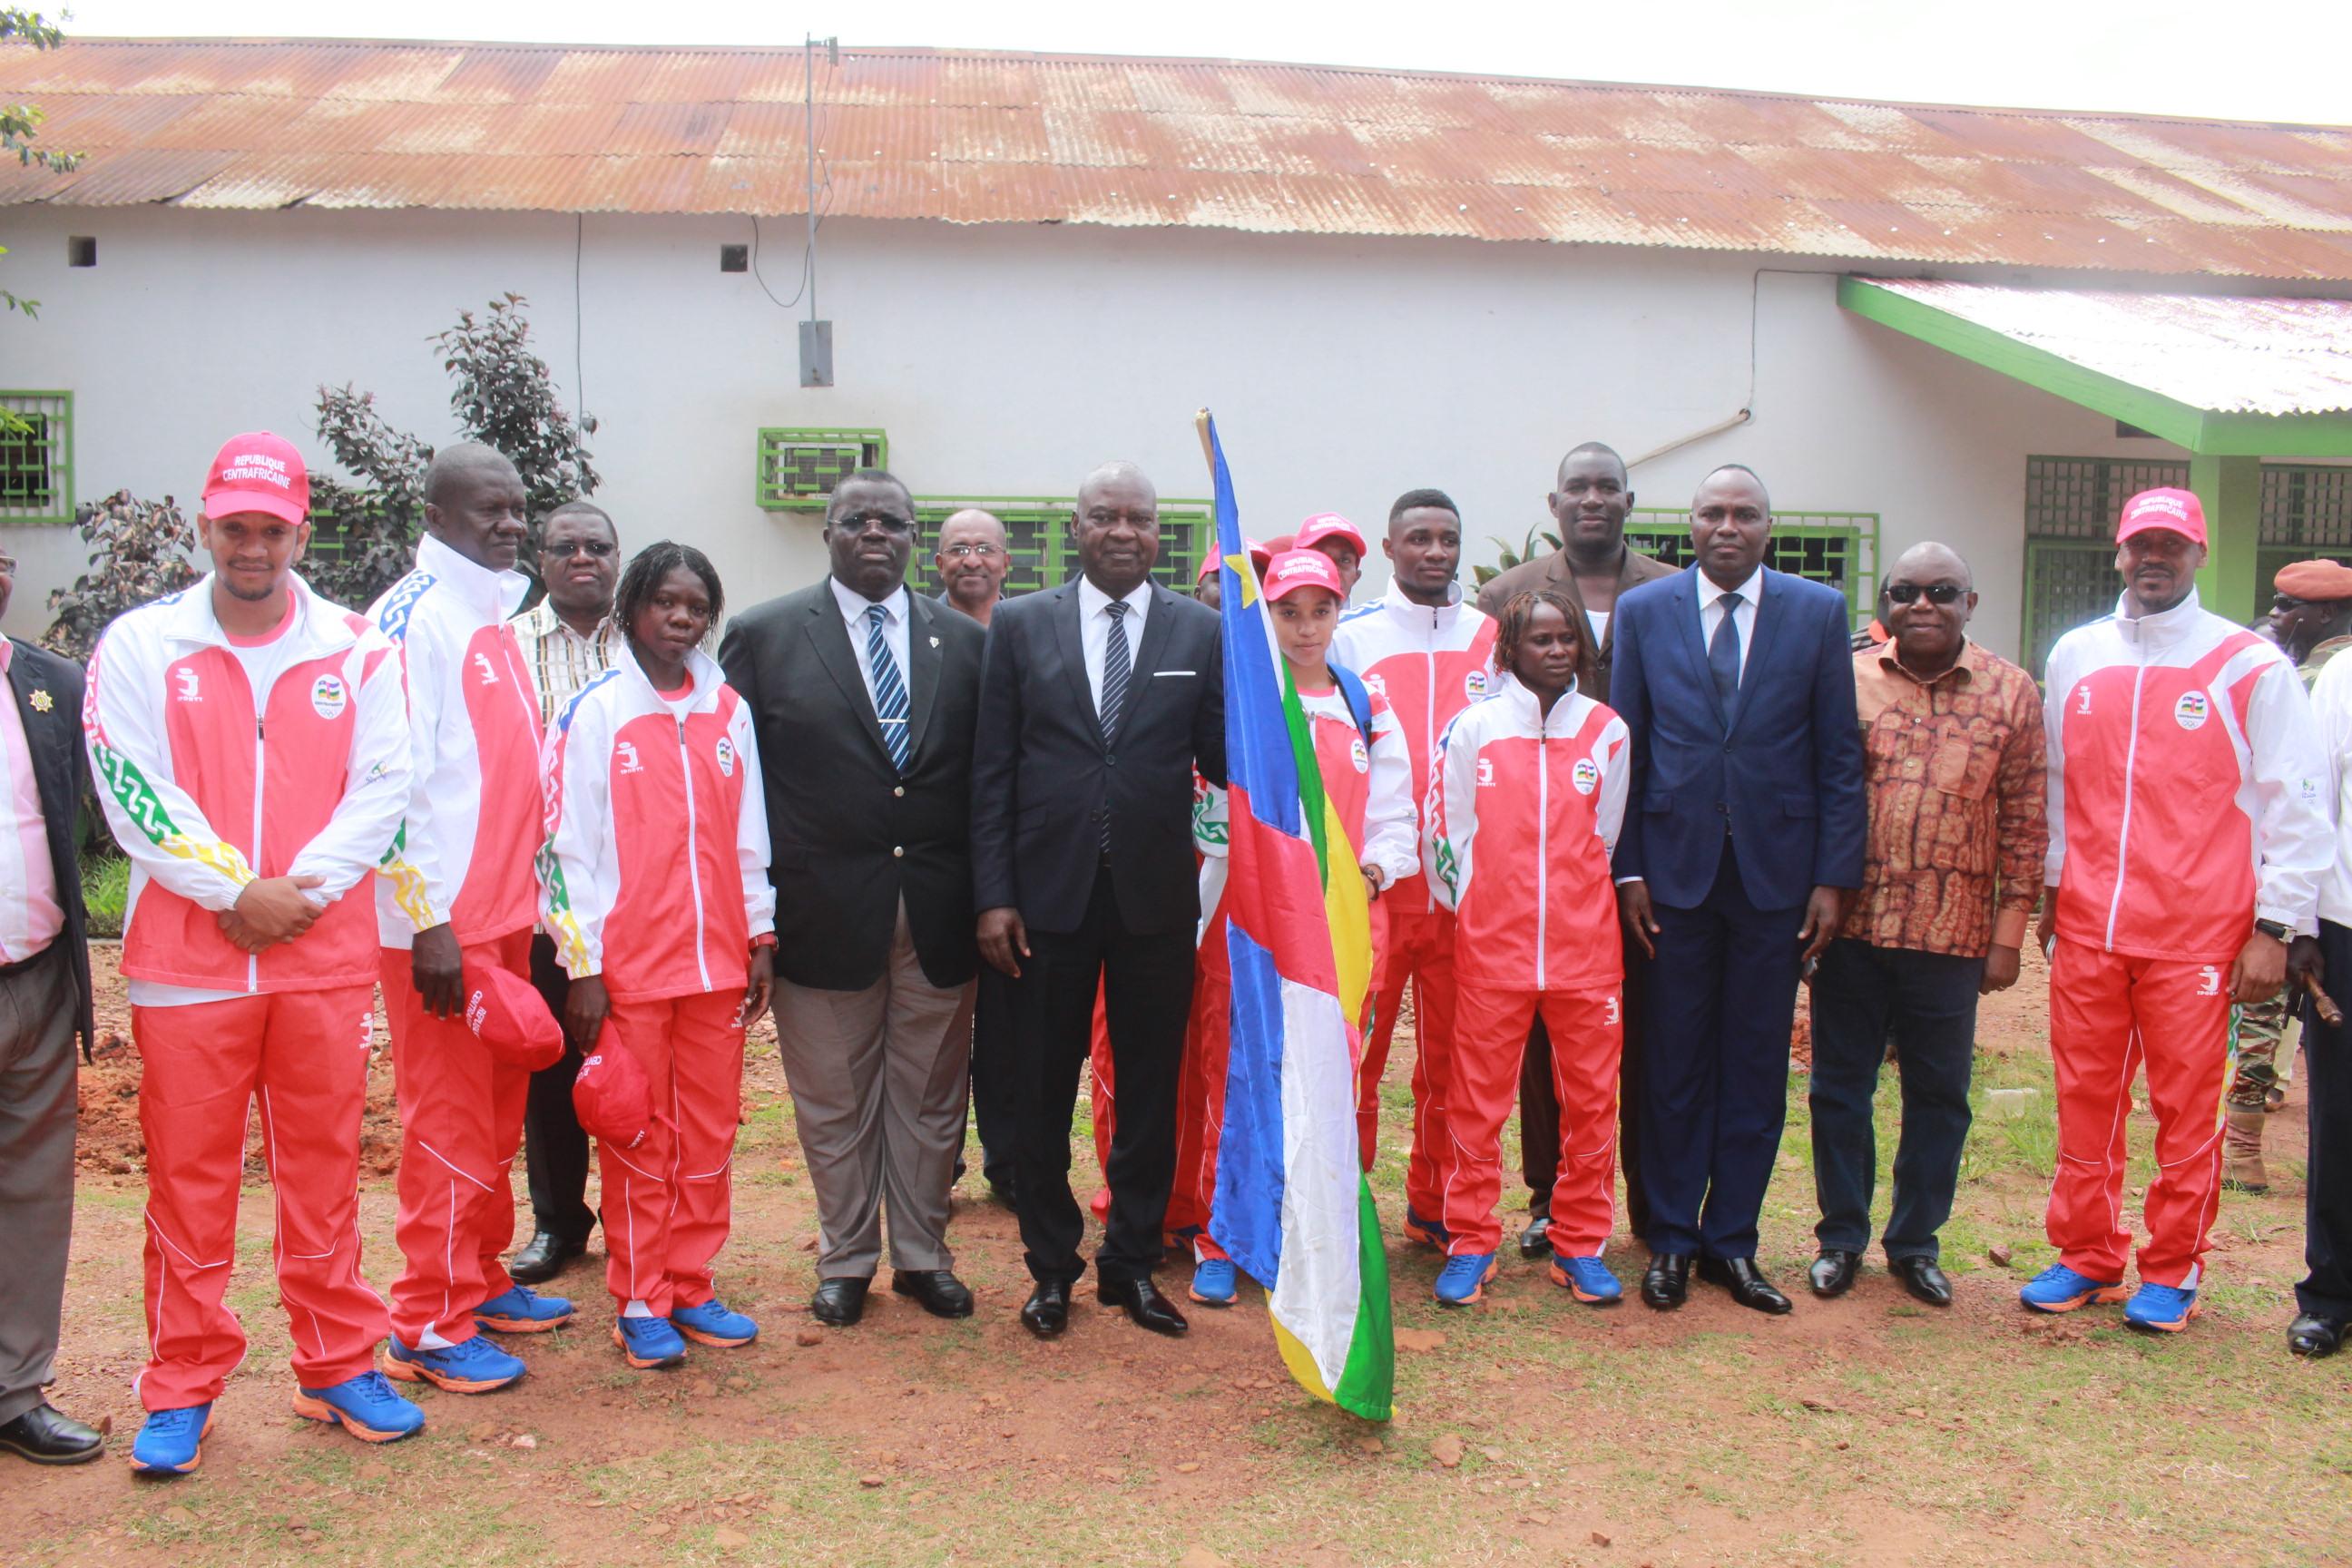 Le Premier ministre Sarandji galvanise les athlètes centrafricains retenus pour les Jeux Olympiques de 2016